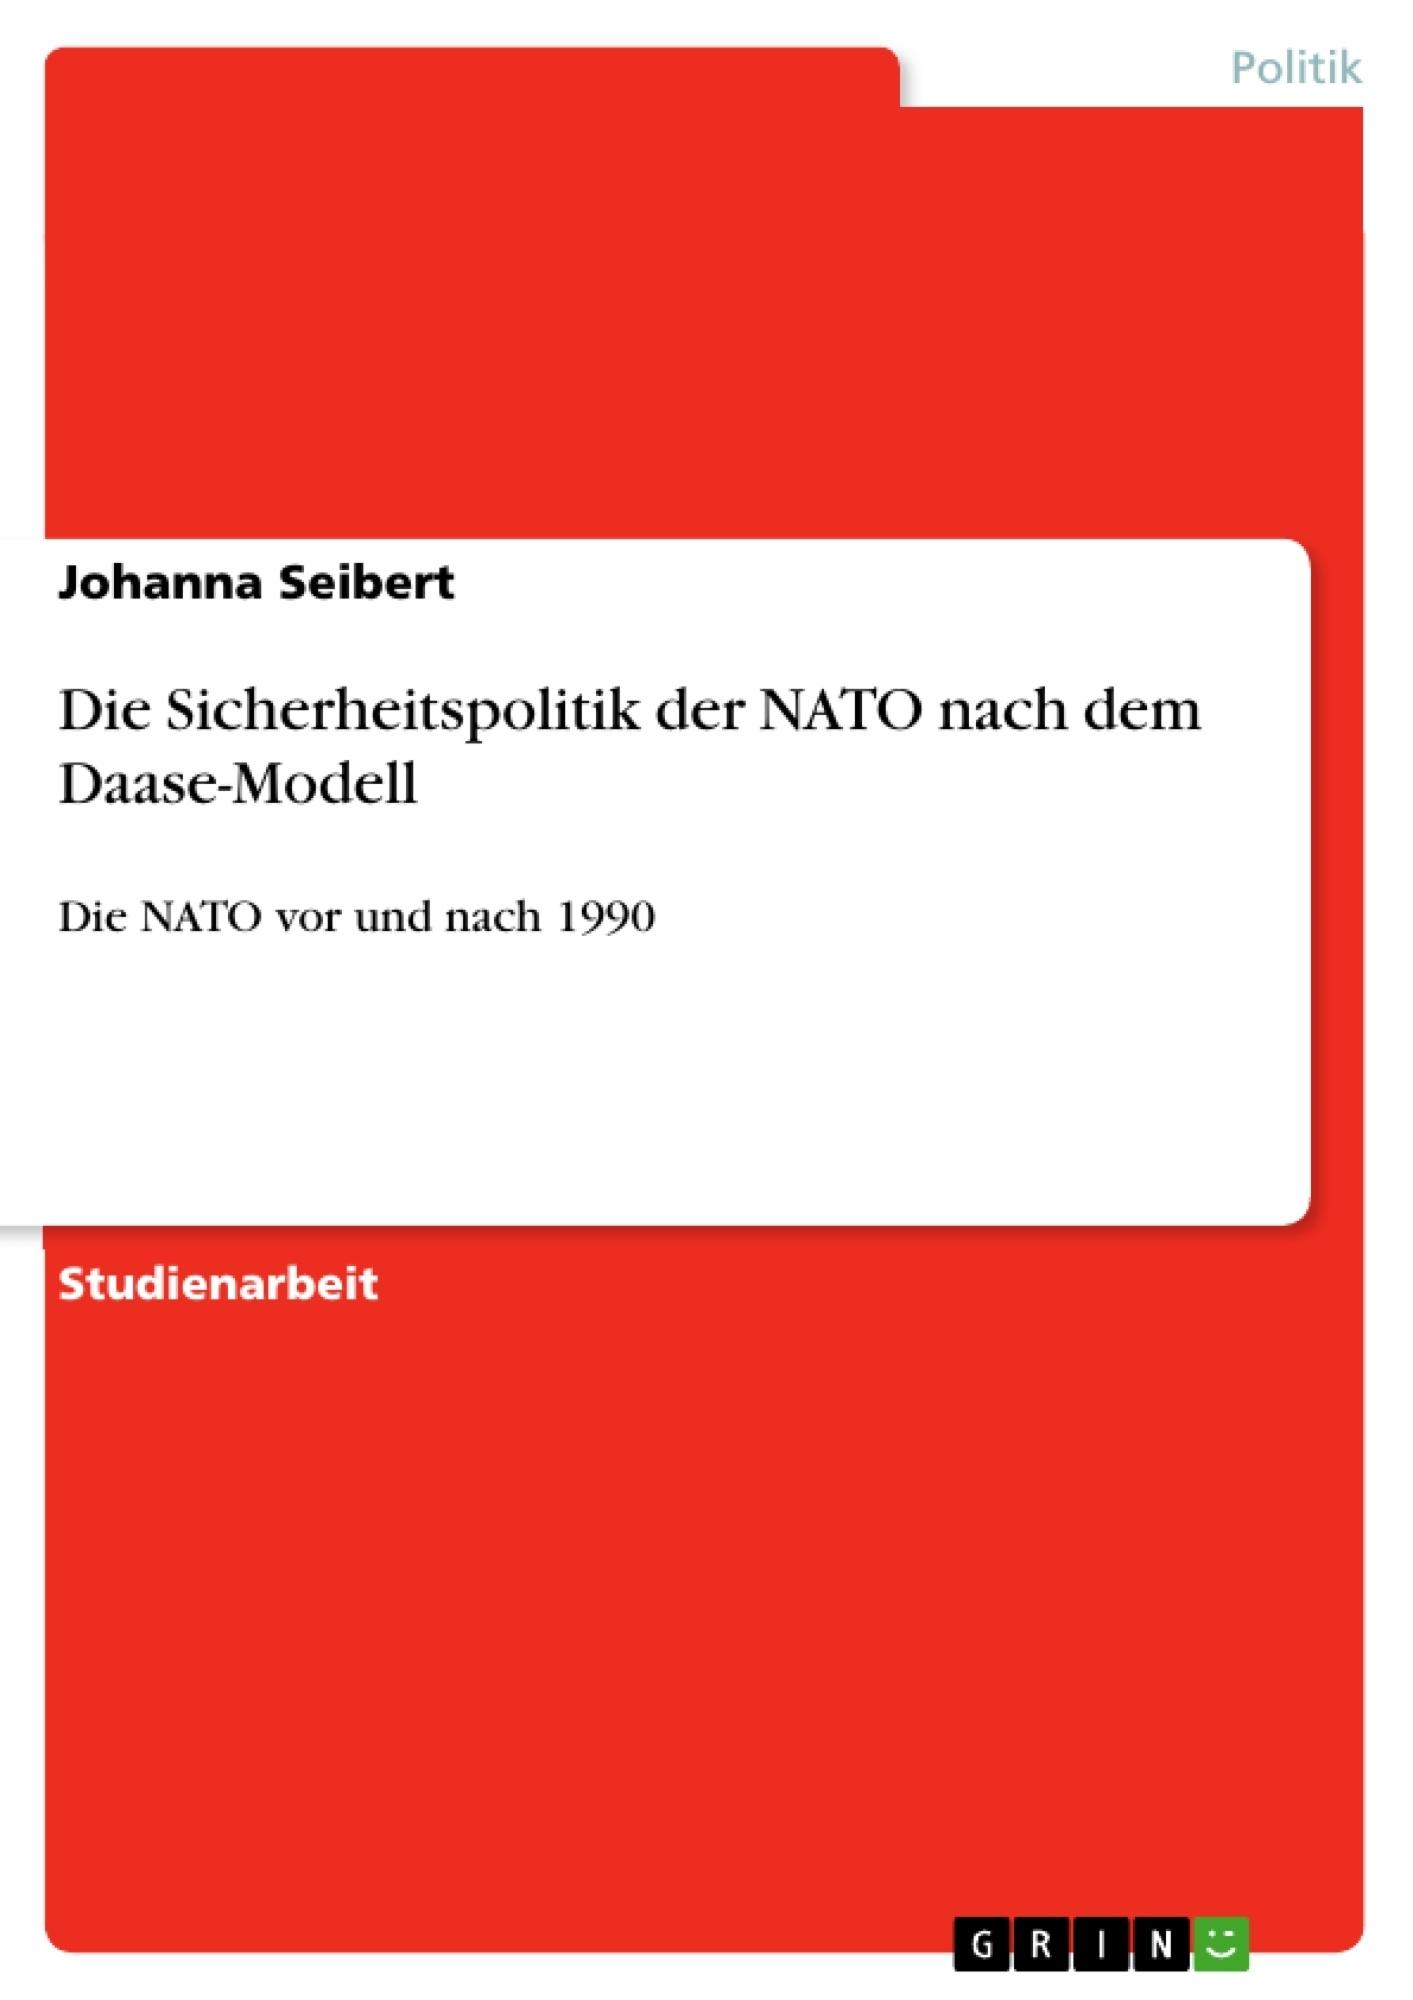 Titel: Die Sicherheitspolitik der NATO nach dem Daase-Modell